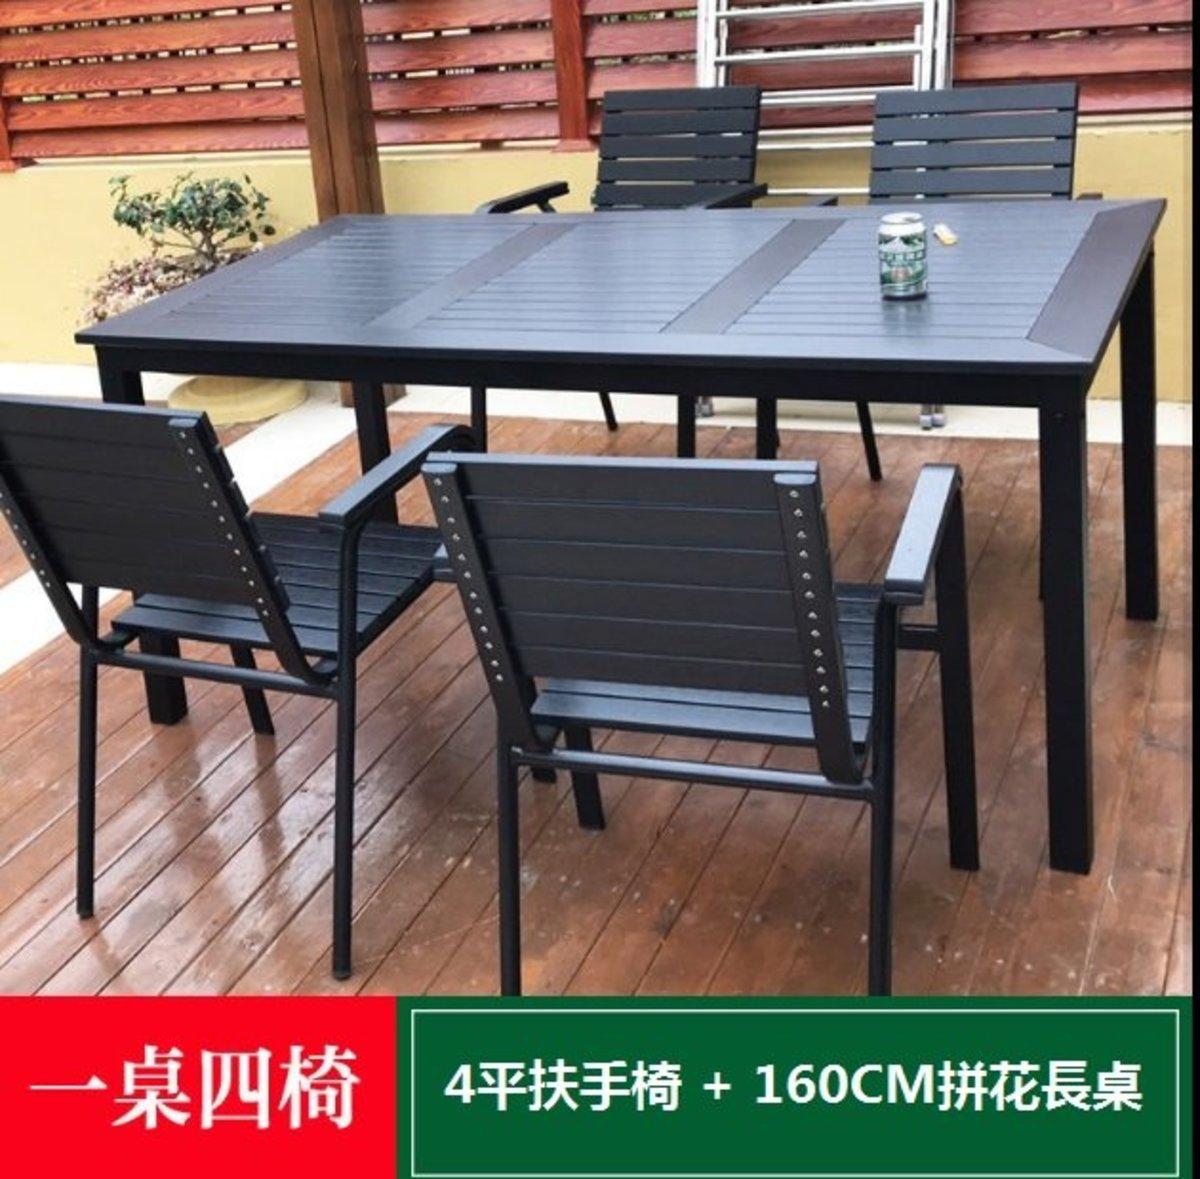 戶外塑木休閒桌椅(4平扶手椅+160CM拼花長桌)